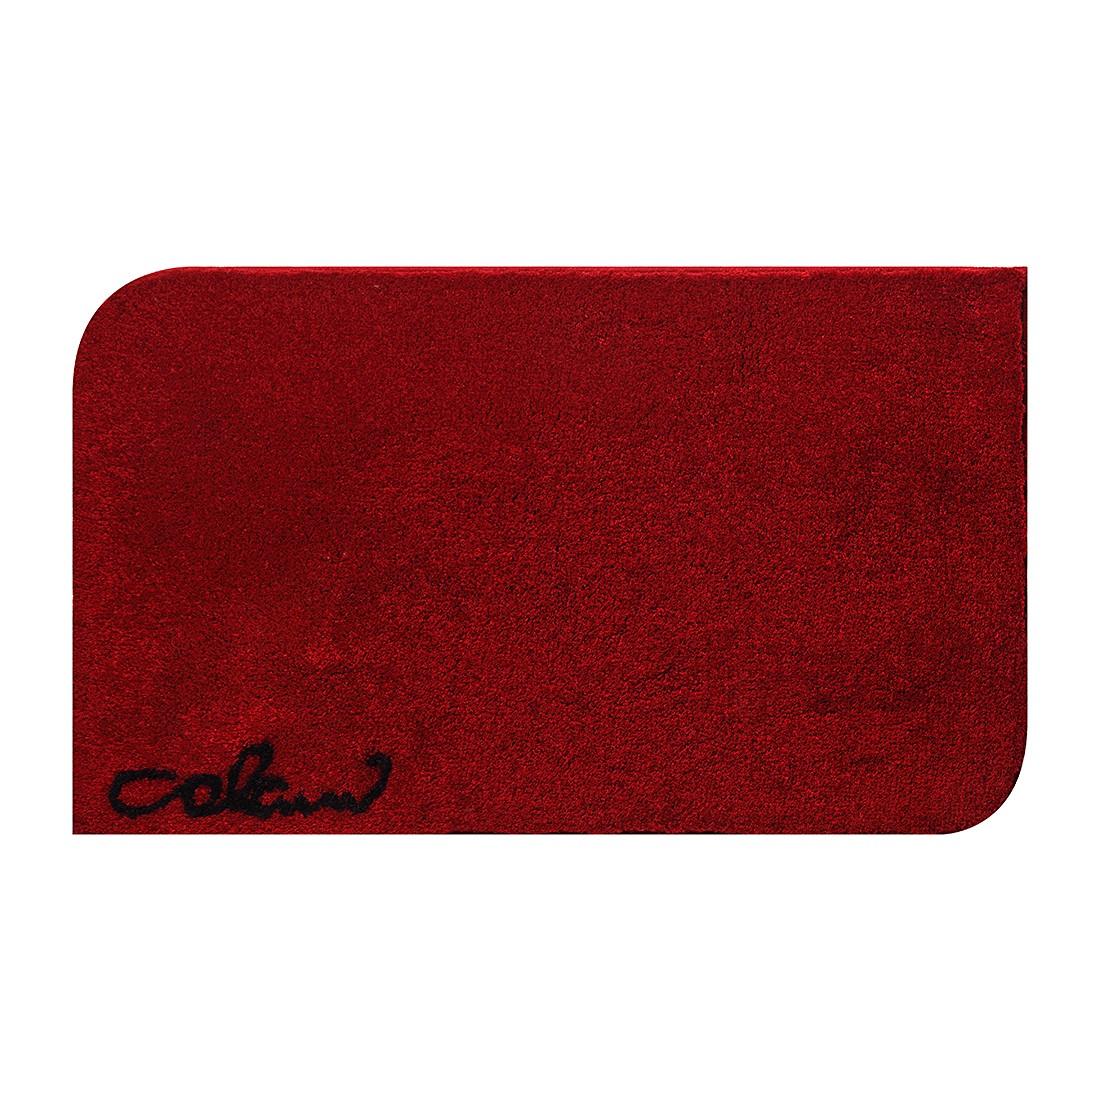 Badteppich Colani 40 – Rot – WC-Vorlage: 60 x 60 cm, Colani günstig online kaufen